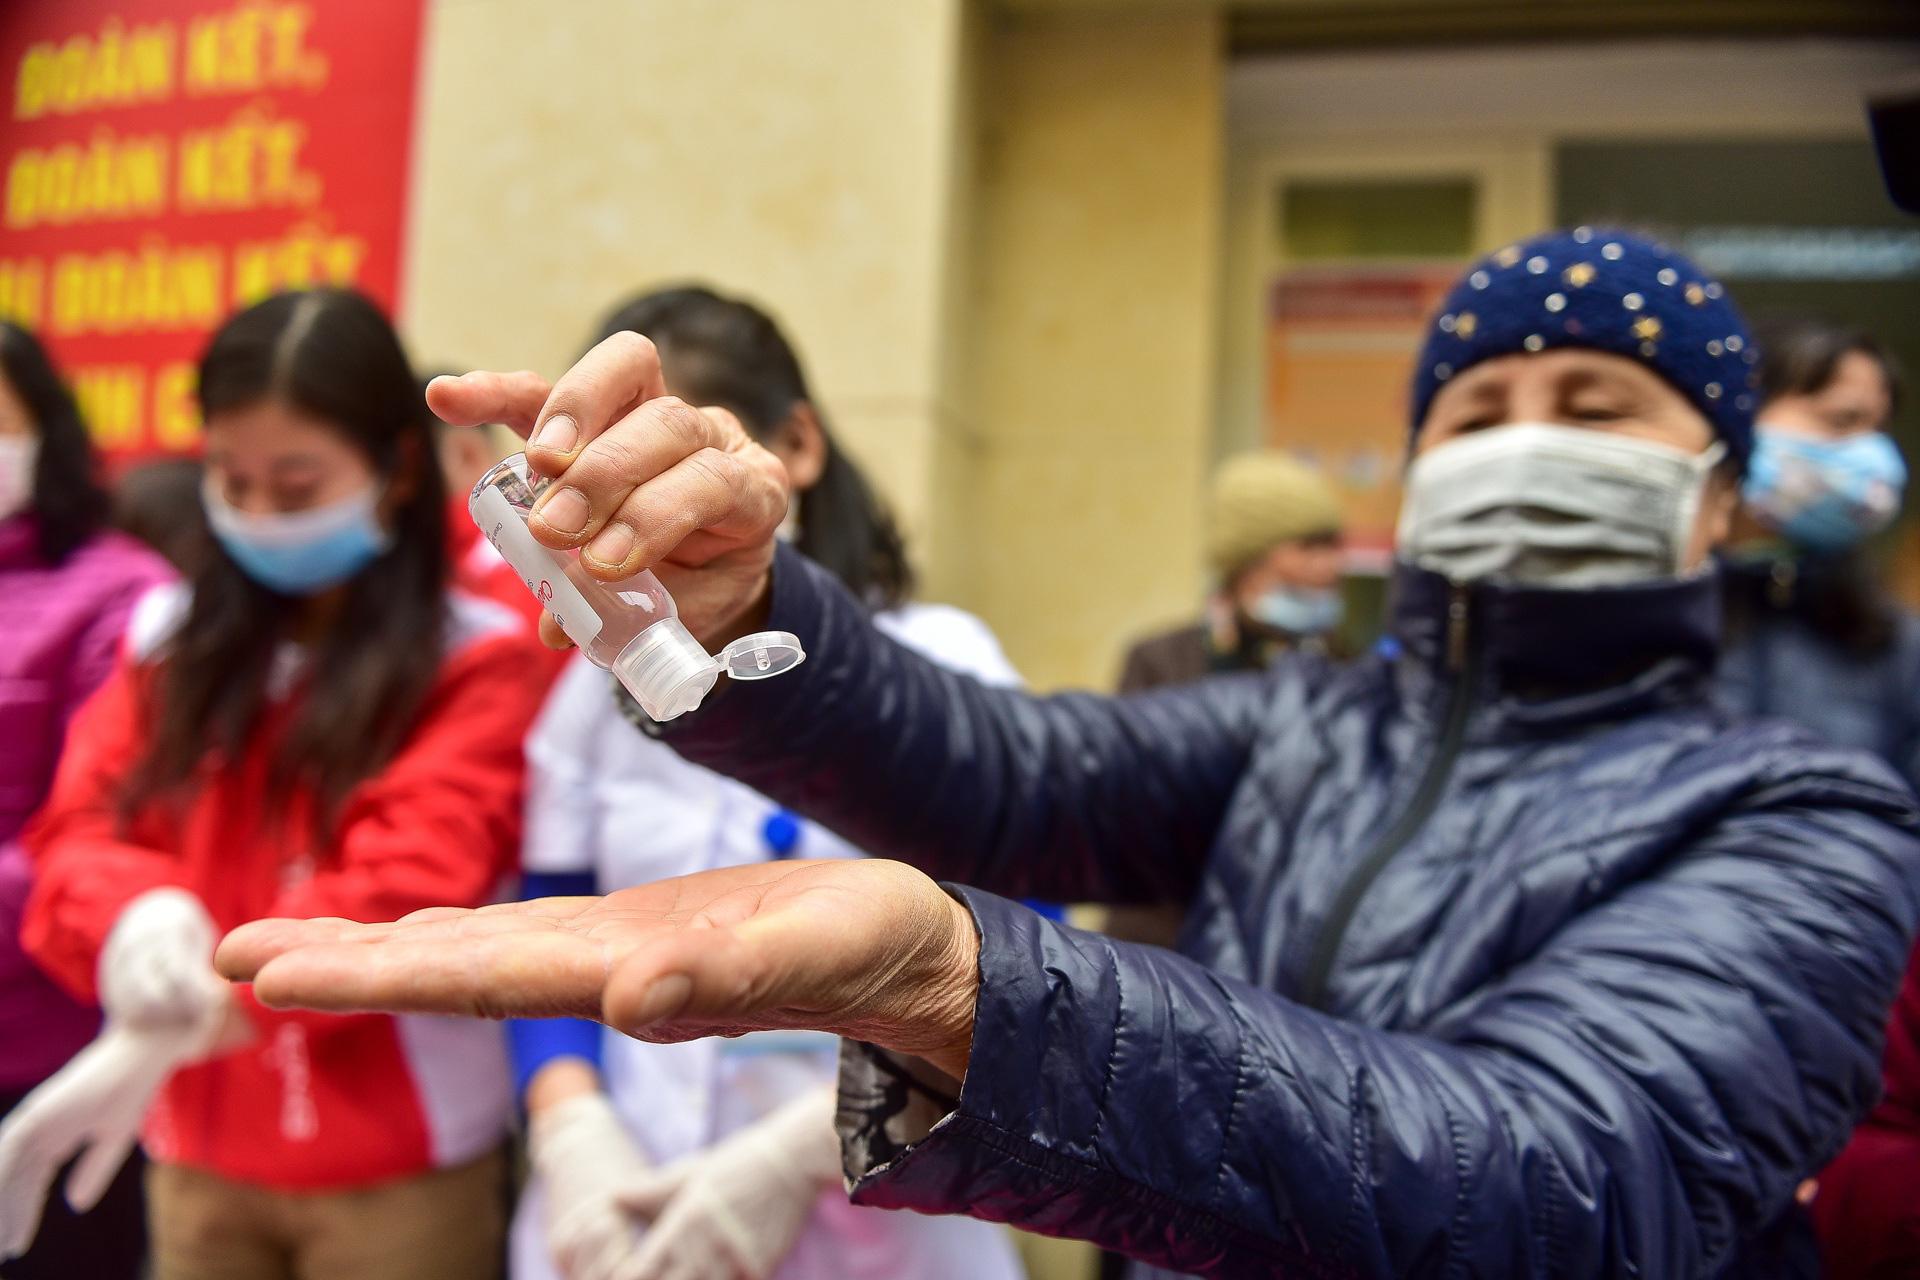 Hà Nội: Người dân xếp hàng dài nhận nước rửa tay miễn phí - Ảnh 1.